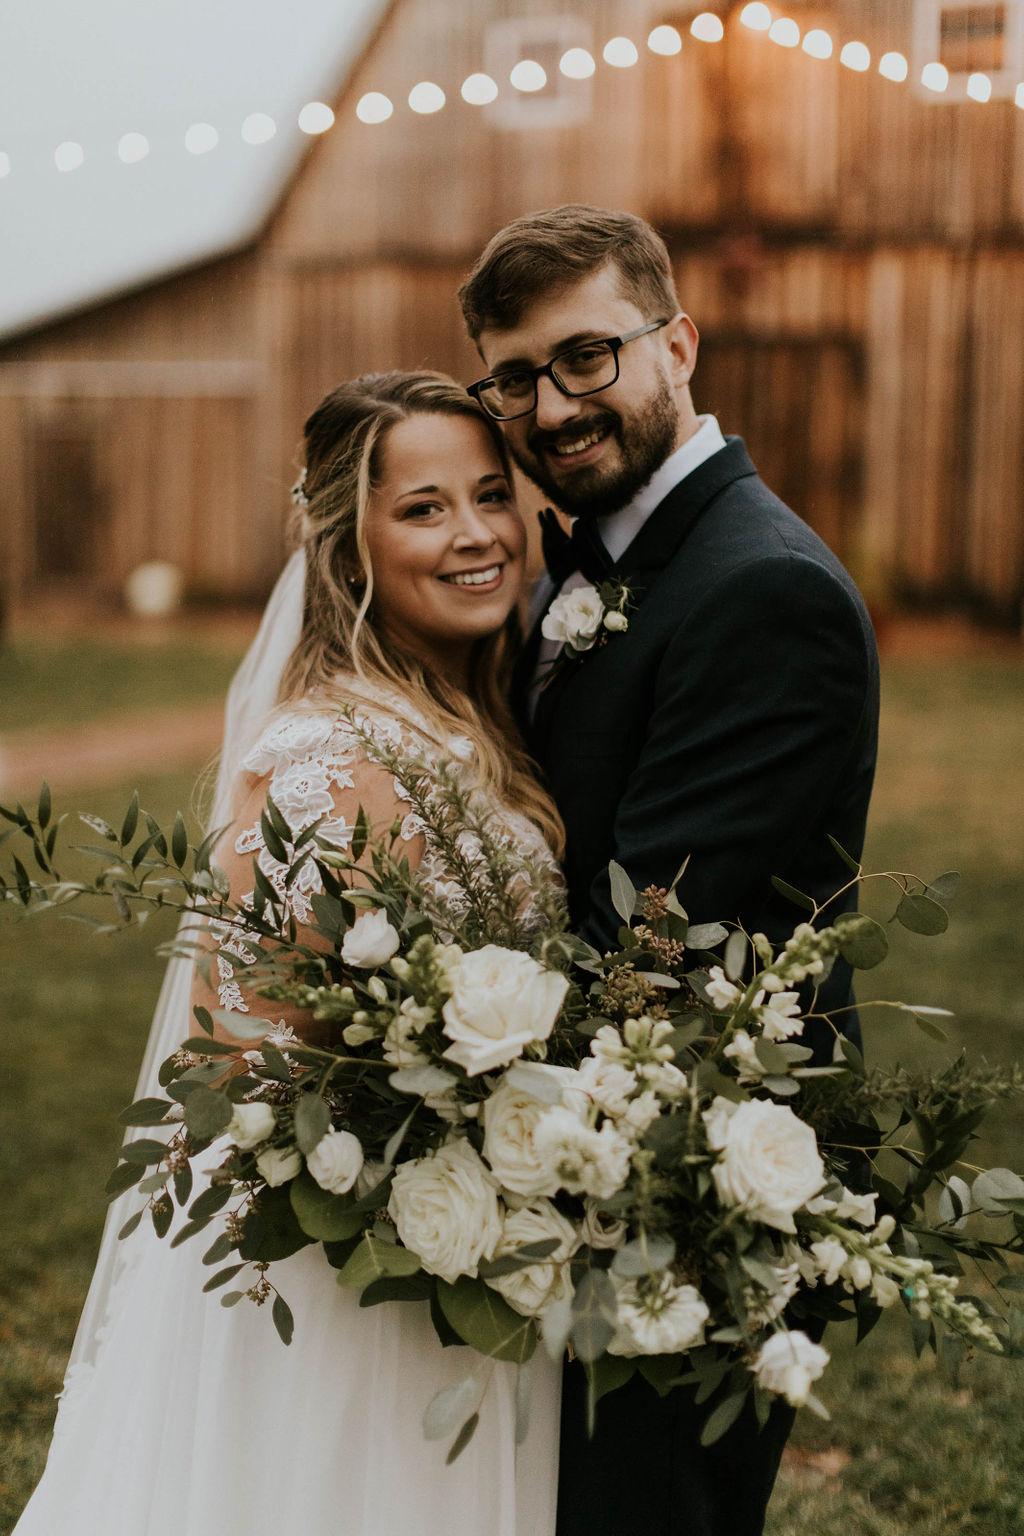 white wedding flowers white bridal garden style bouquet richmond virginia wedding florist